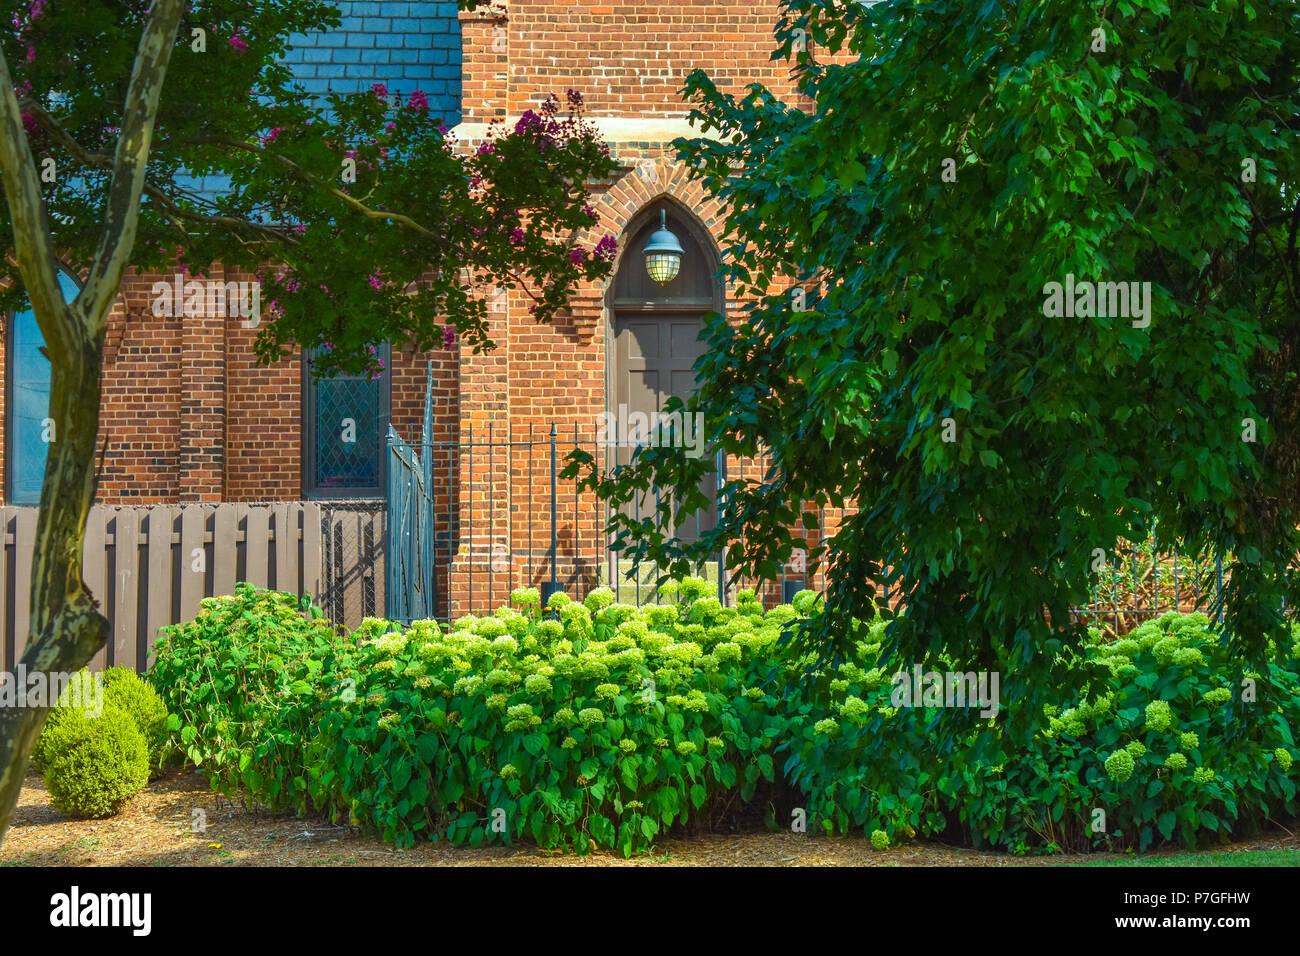 Lampadario Allaperto : Chiesa di mattoni archway allaperto con lampadario sopra le porte